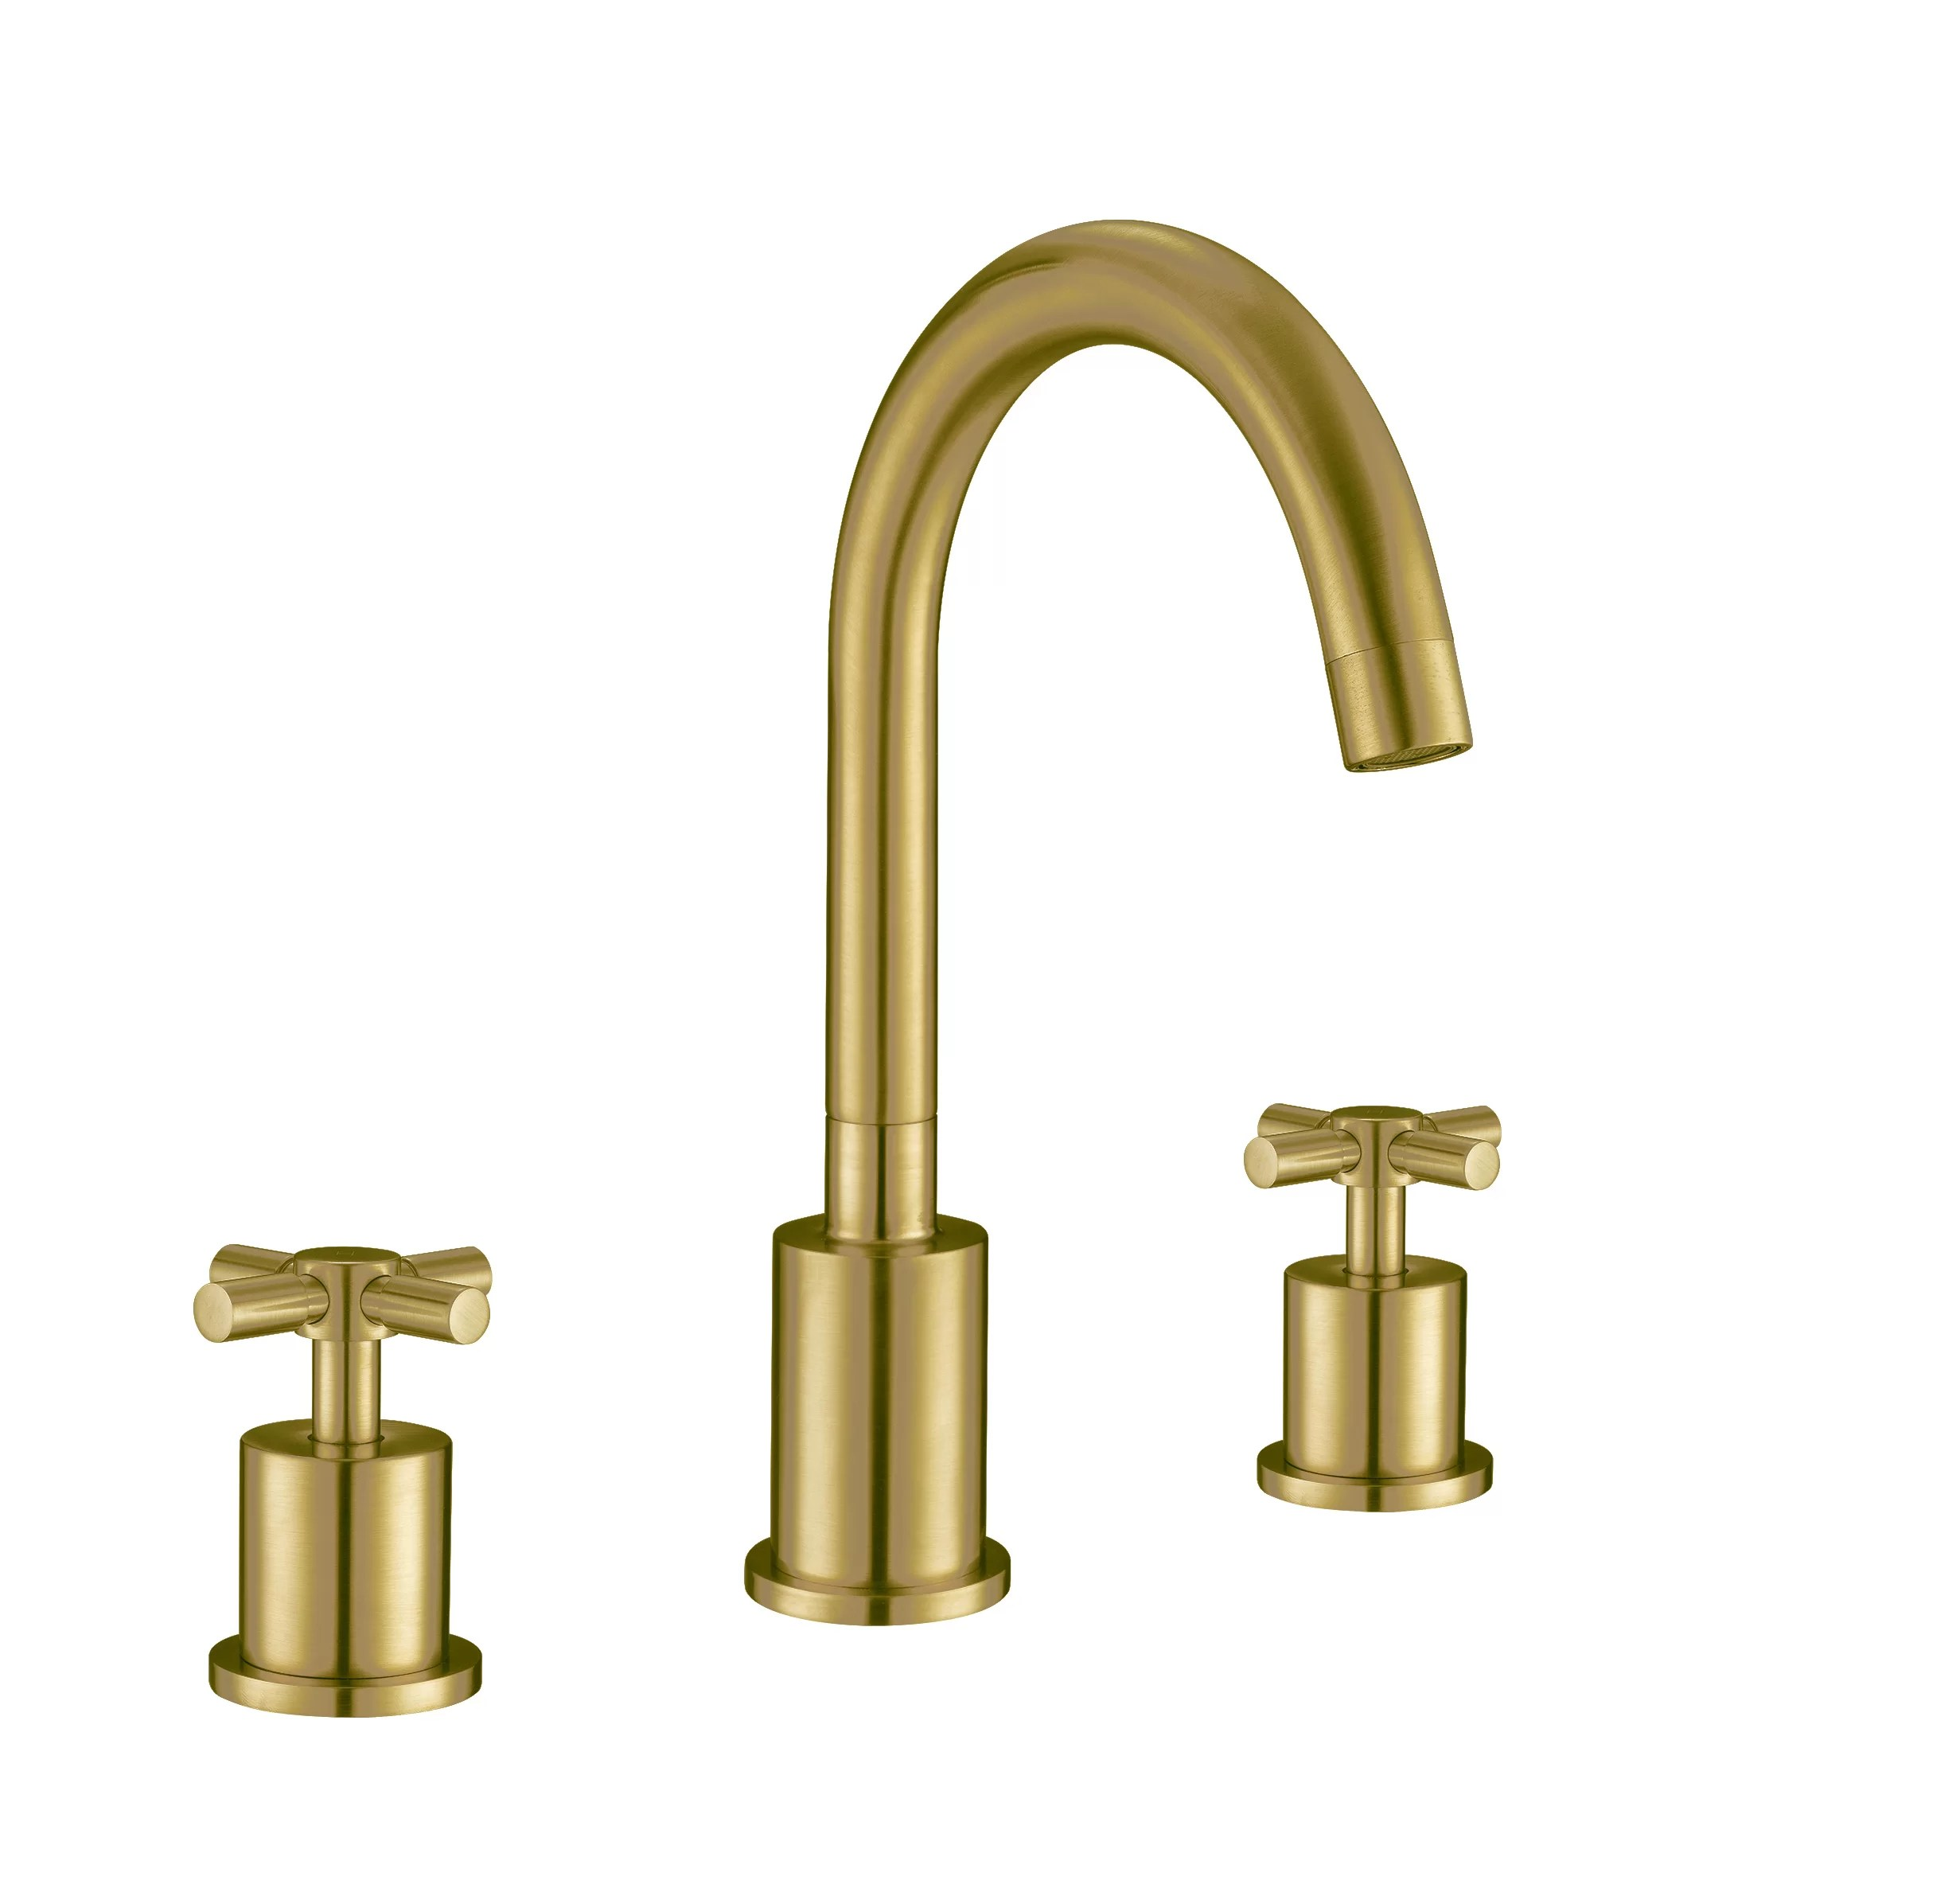 prima 3 widespread bathroom faucet